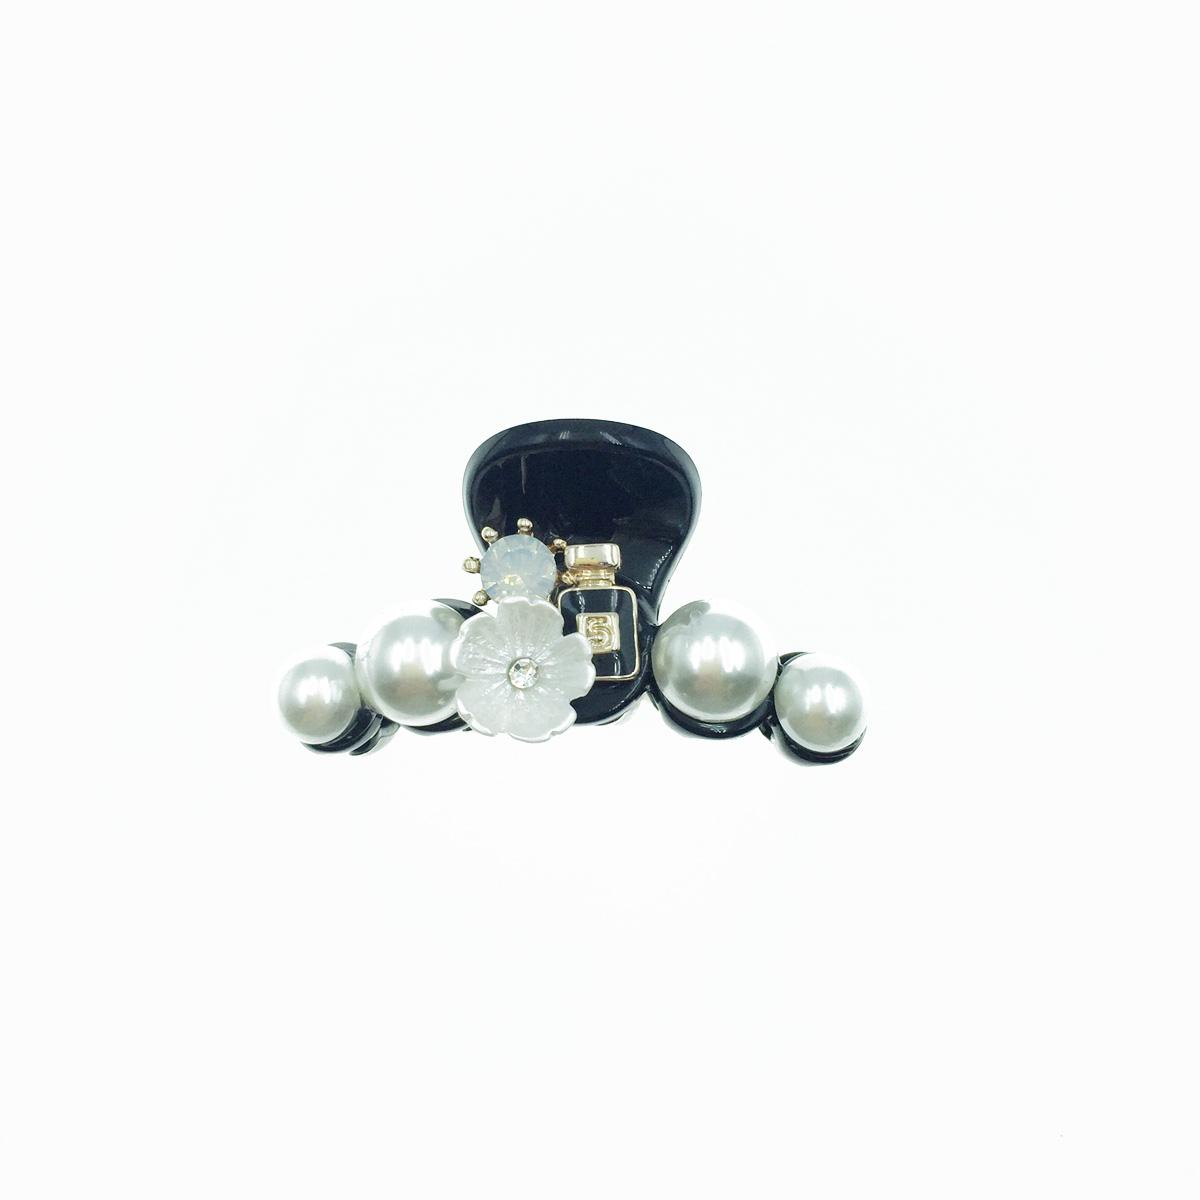 韓國 5號 黑色小香水 小花朵 白花 水鑽 白鑽 珍珠 小鯊魚夾 髮夾 髮飾